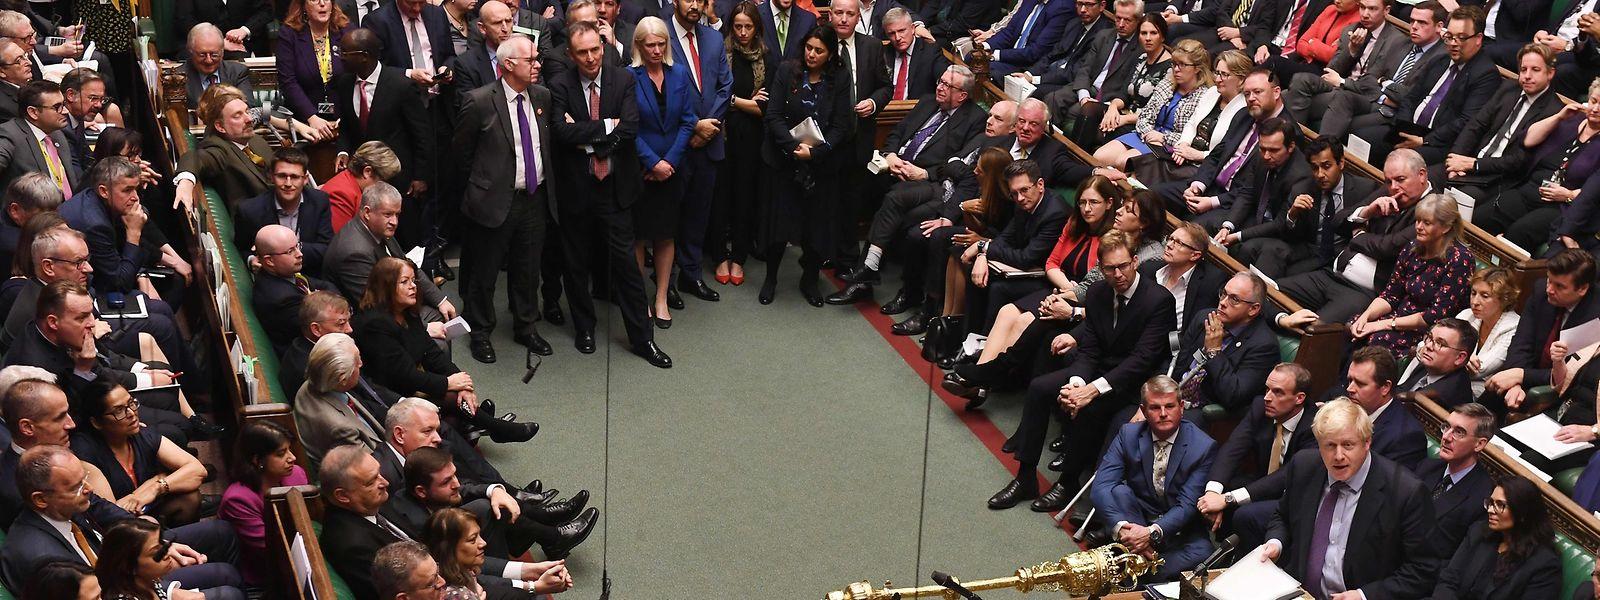 La Chambre des communes a approuvé le nouvel accord de divorce mais elle a refusé de se prononcer sur le texte.